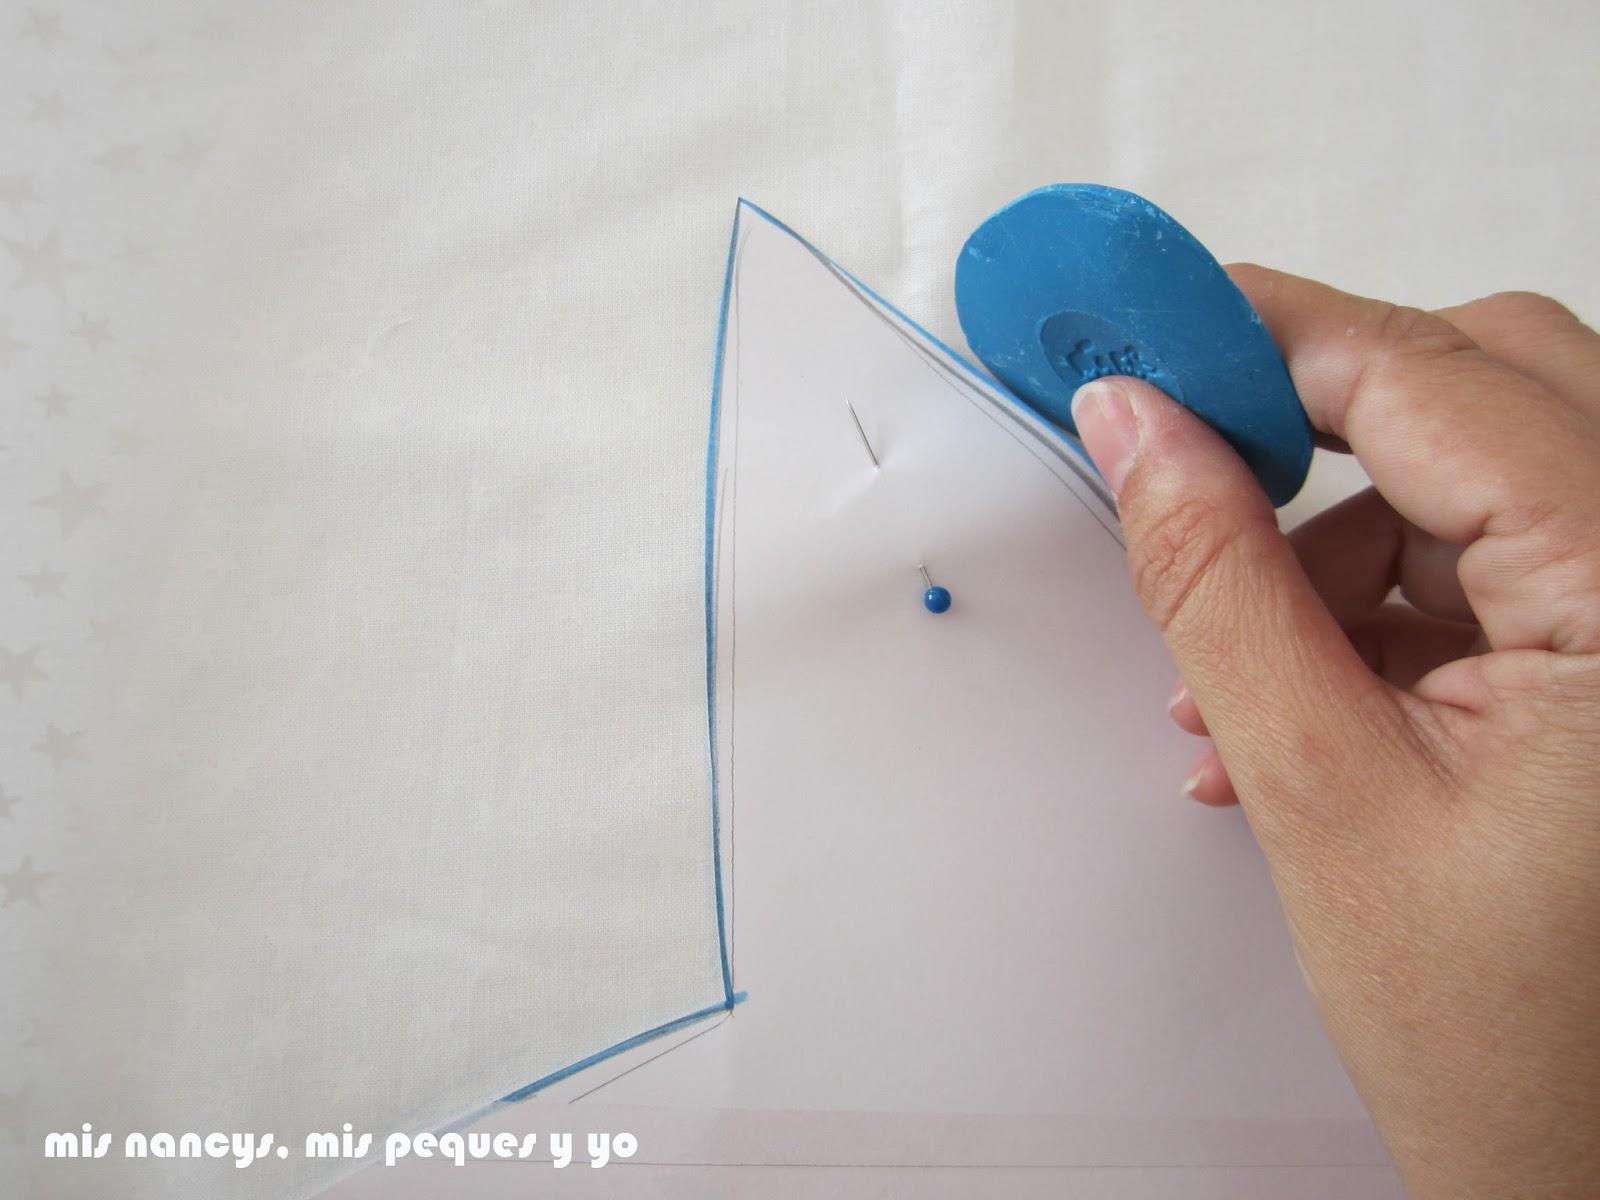 mis nancys, mis peques y yo, tutorial DIY cojín con forma de estrella de Navidad, dibujar con jabón de sastre